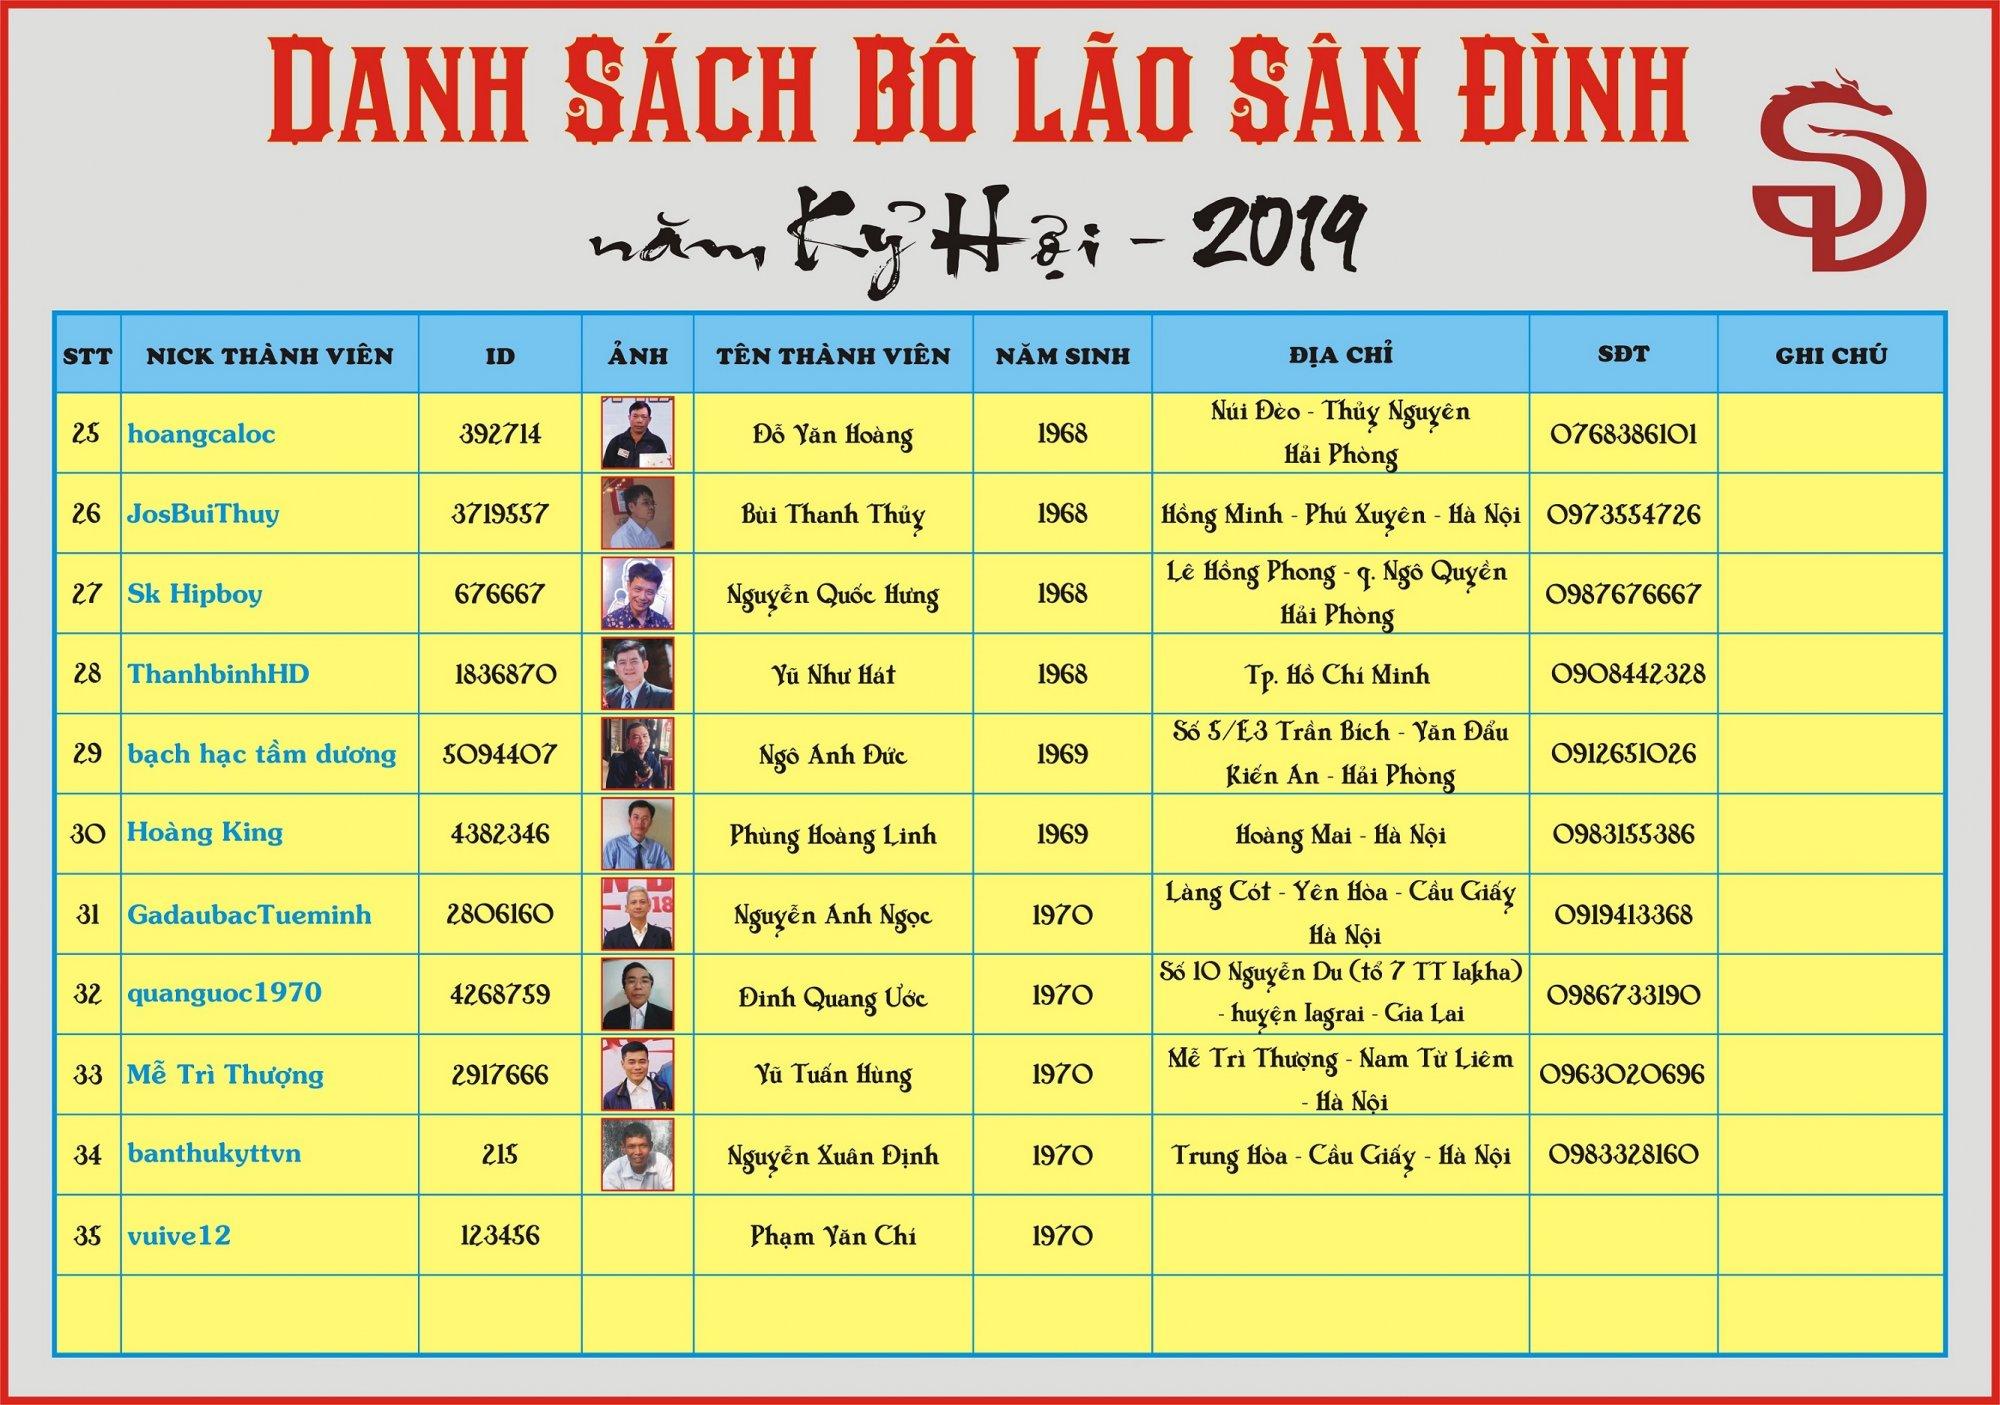 DS Bo lao SD_2019.12.14 (3) - Copy.JPG